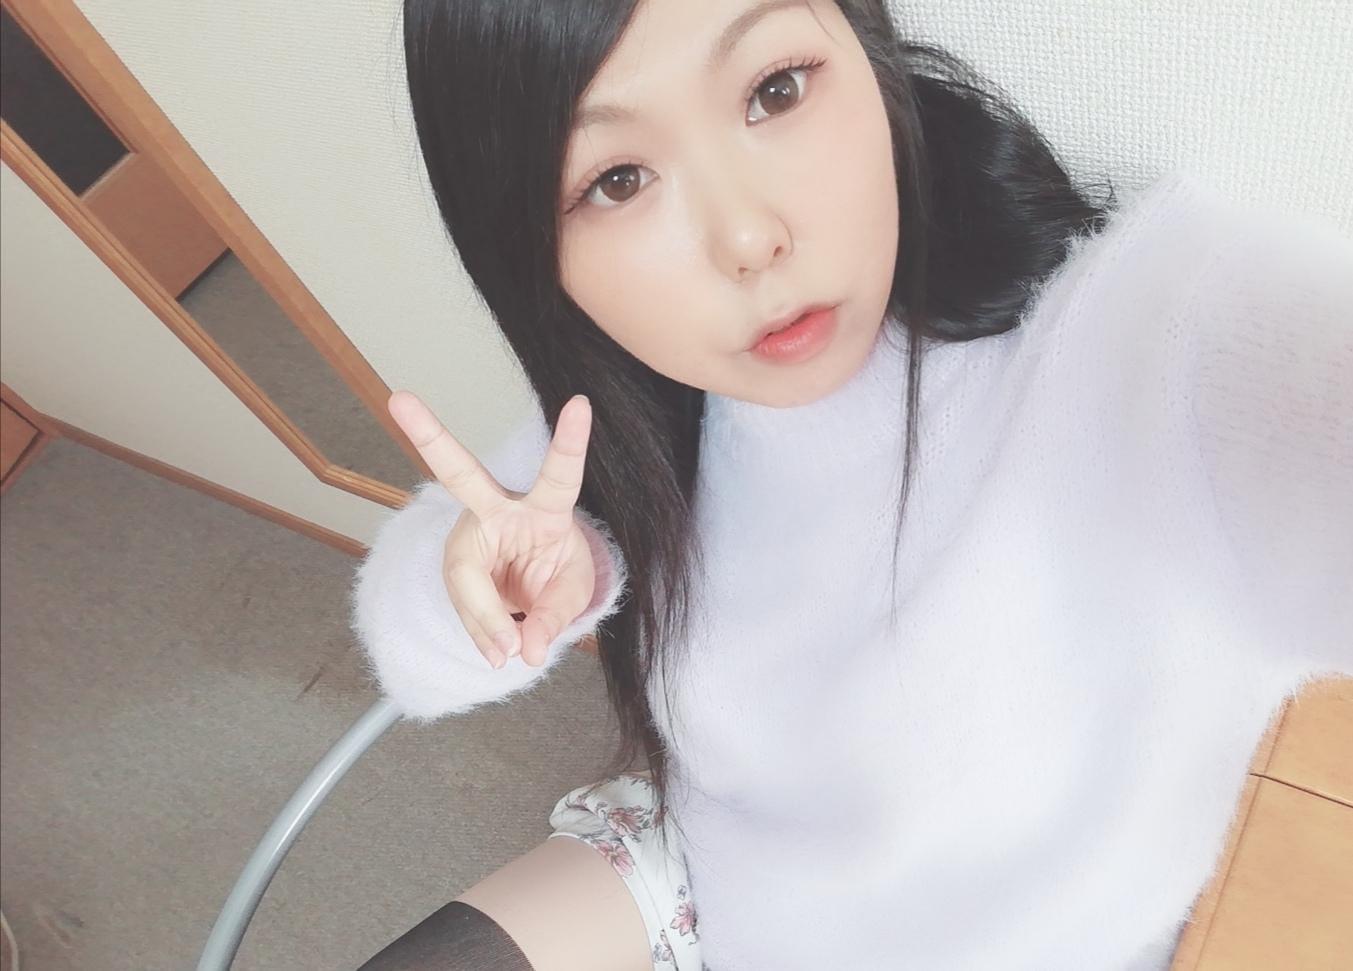 「♡お礼♡」03/31(03/31) 08:10 | ゆずの写メ・風俗動画